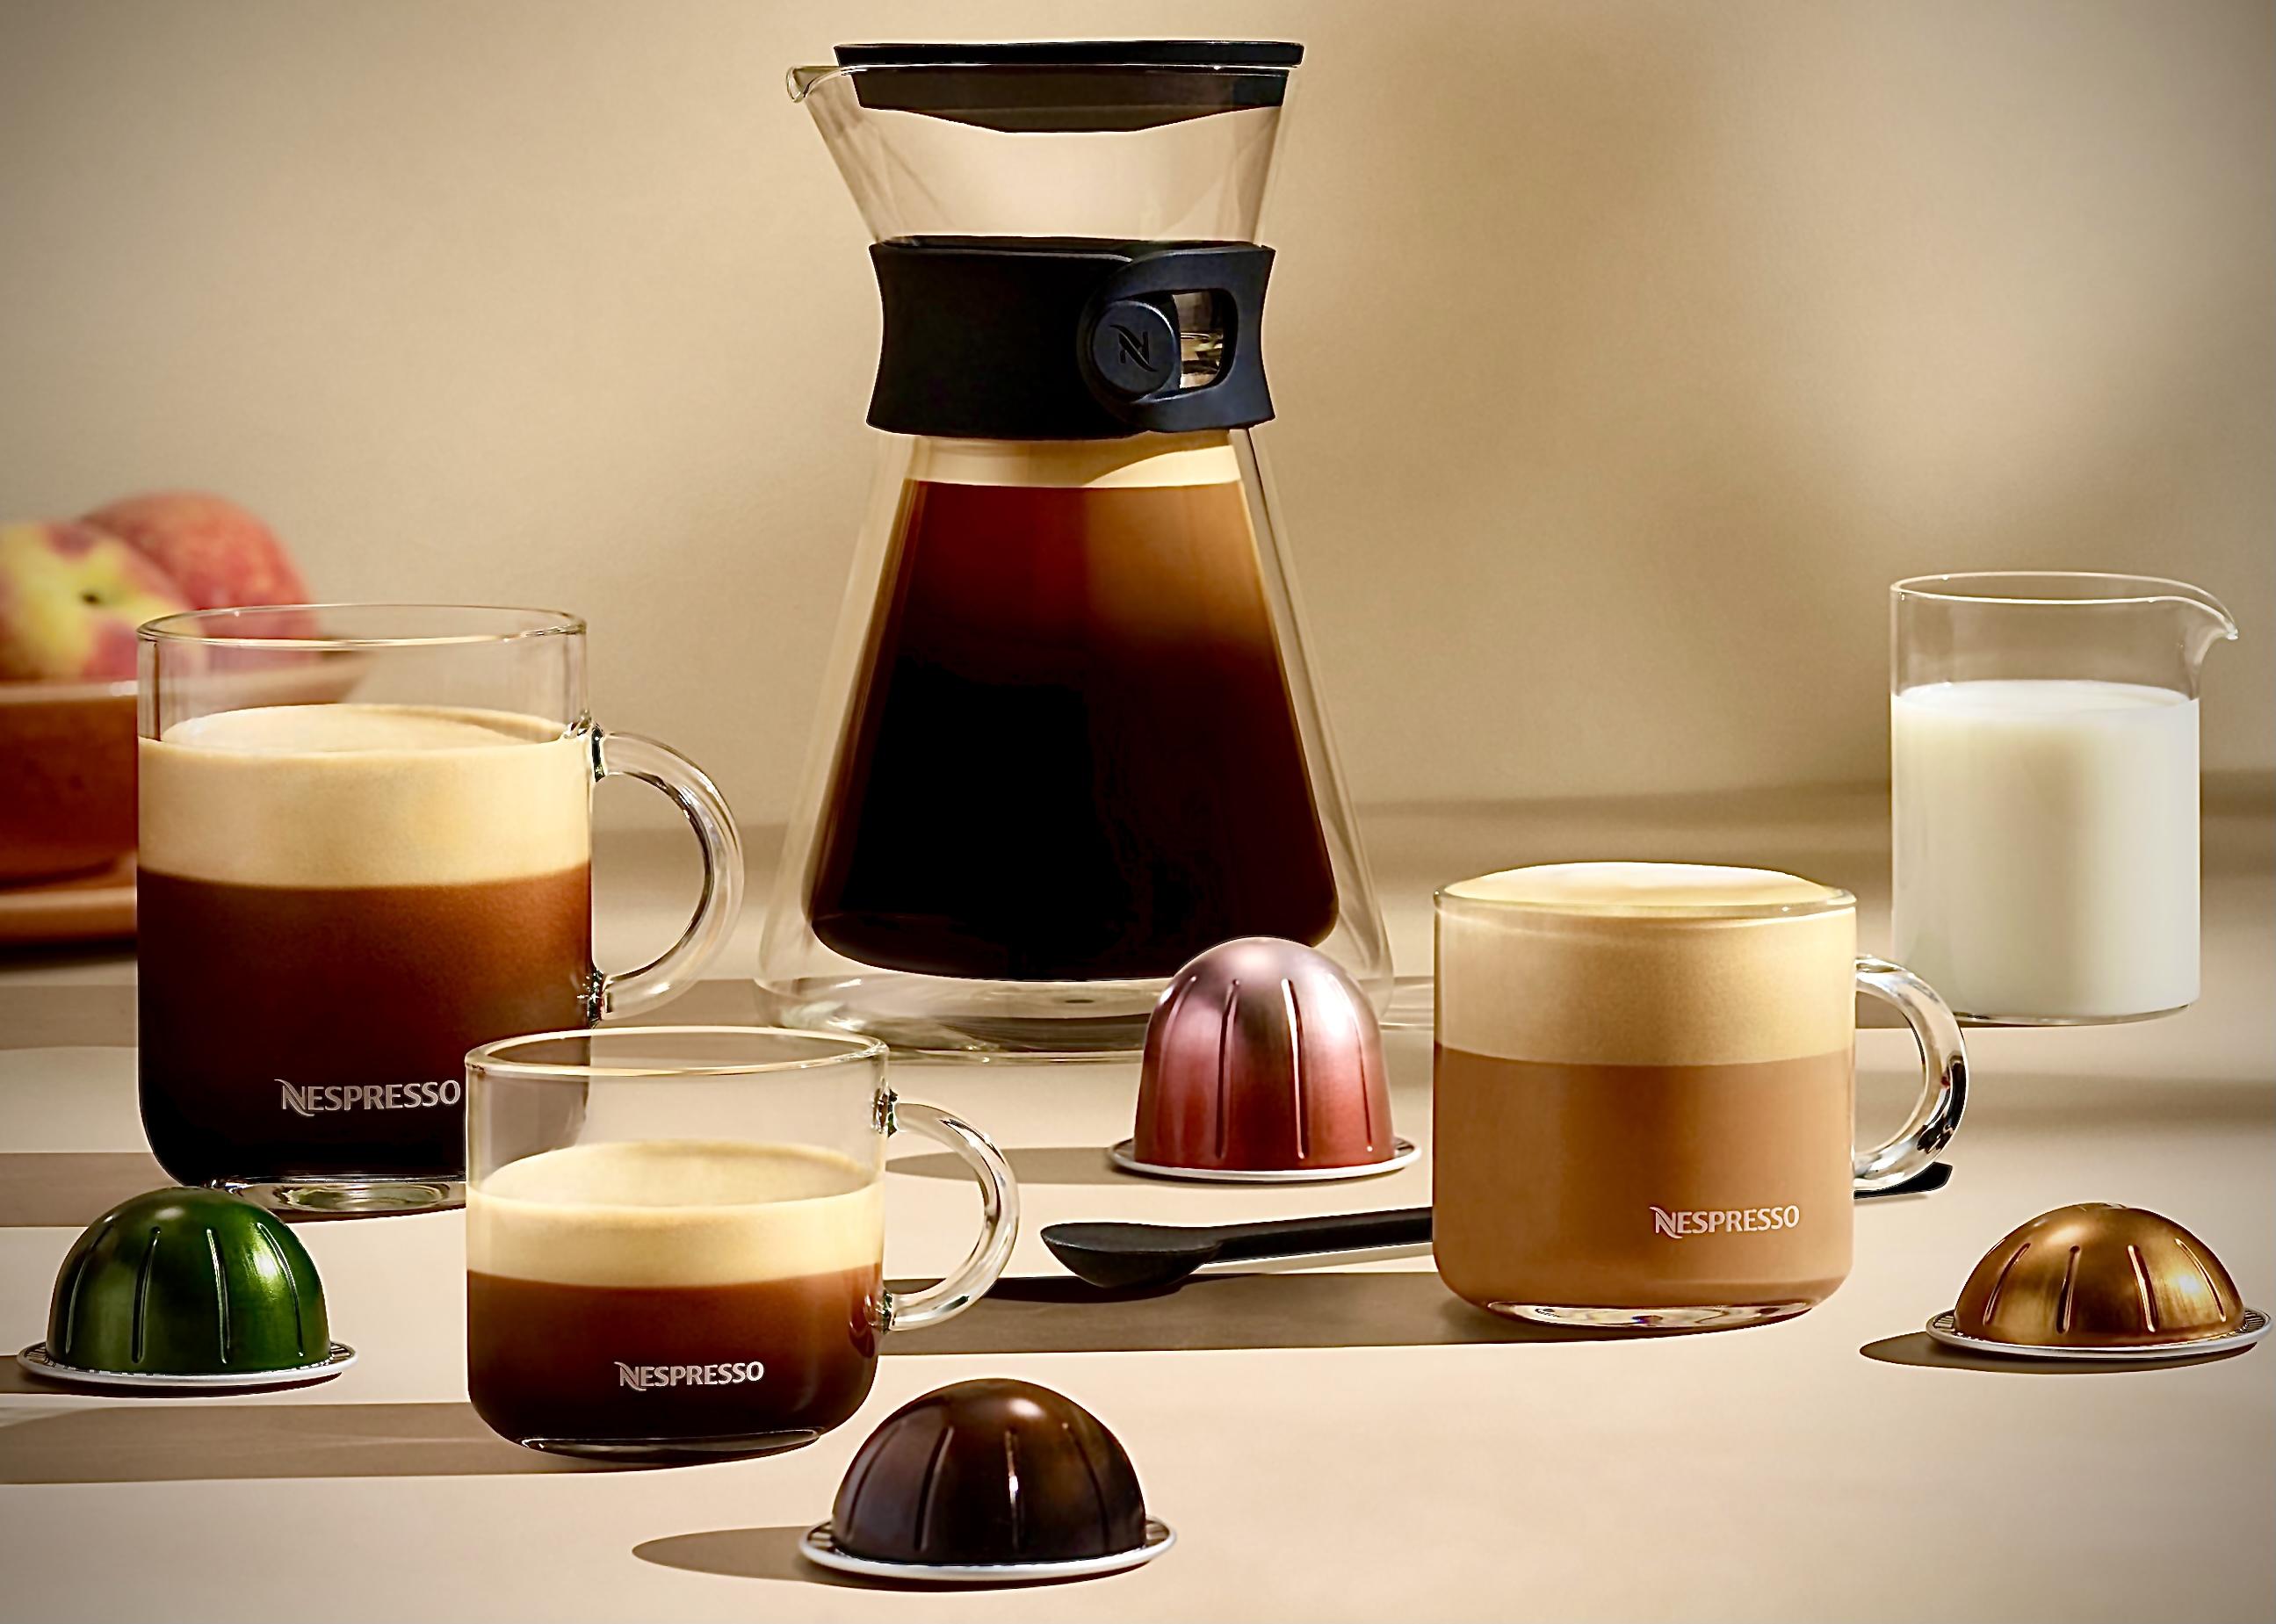 Zdroj: Nespresso